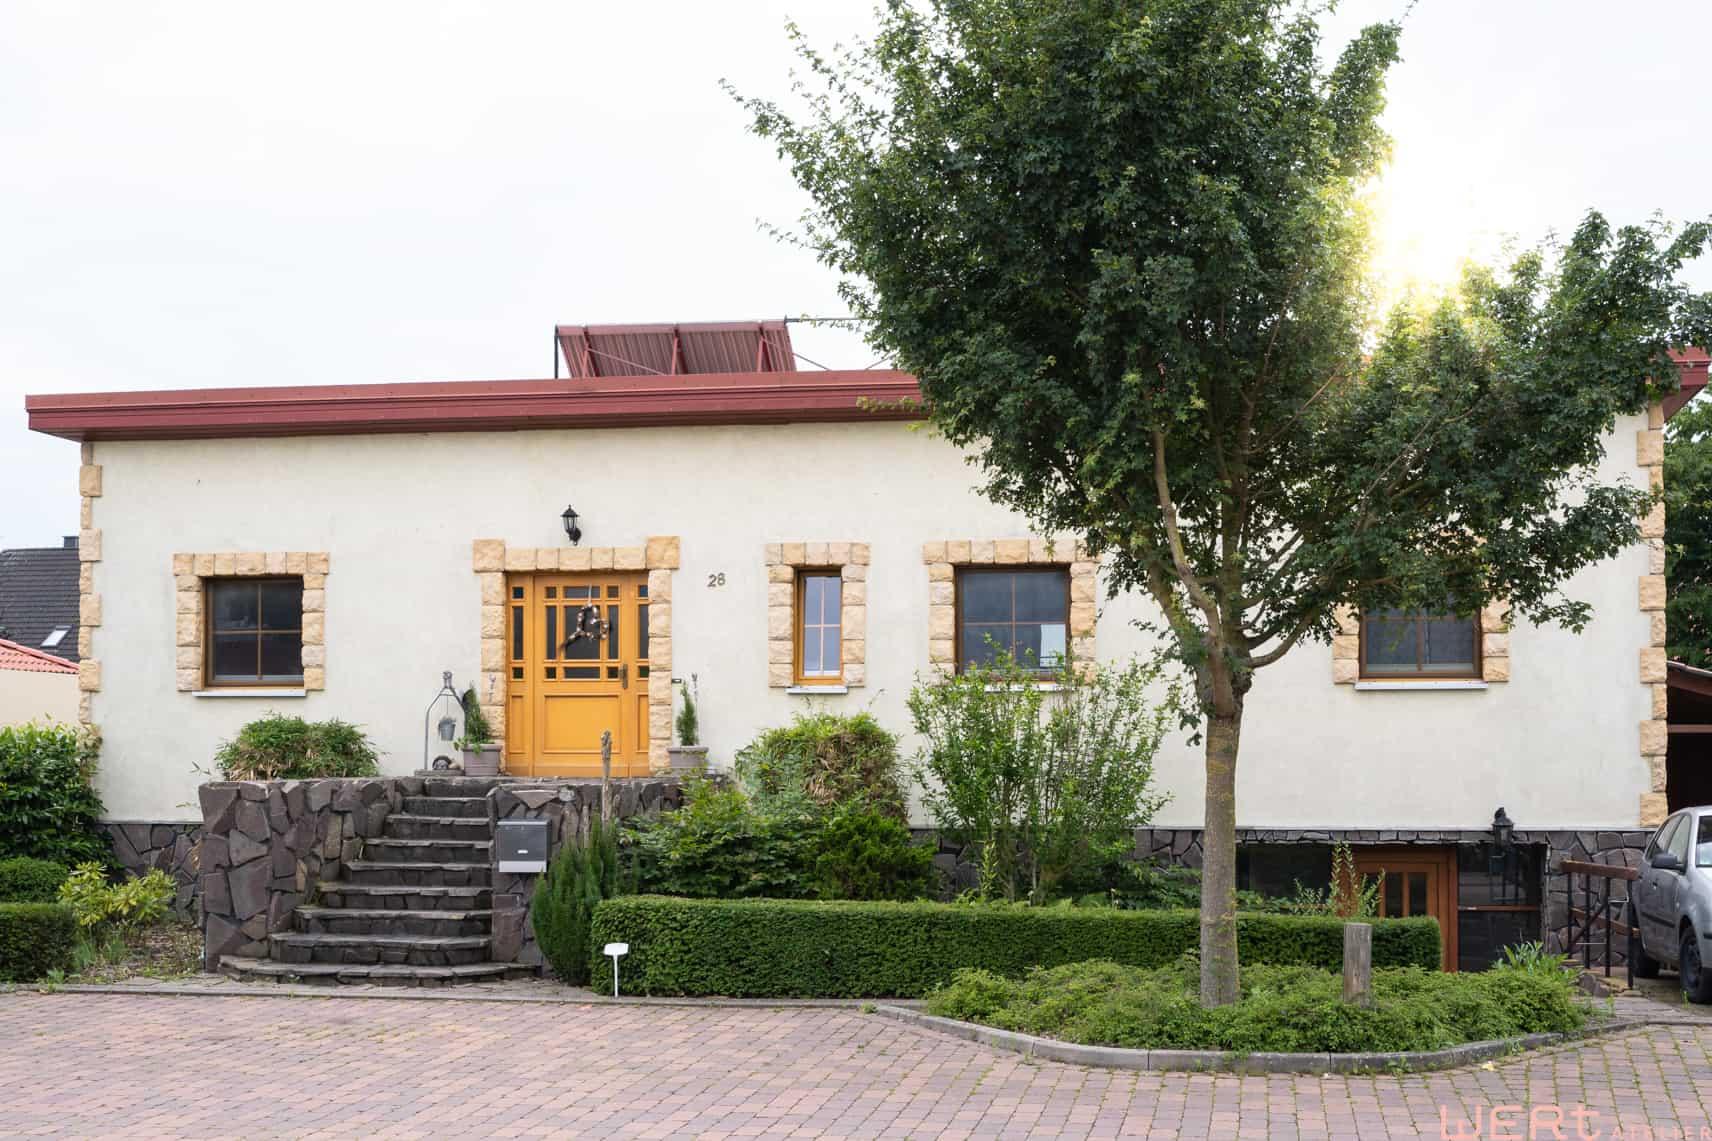 Eigenheim mit flexiblen Nutzungsmöglichkeiten